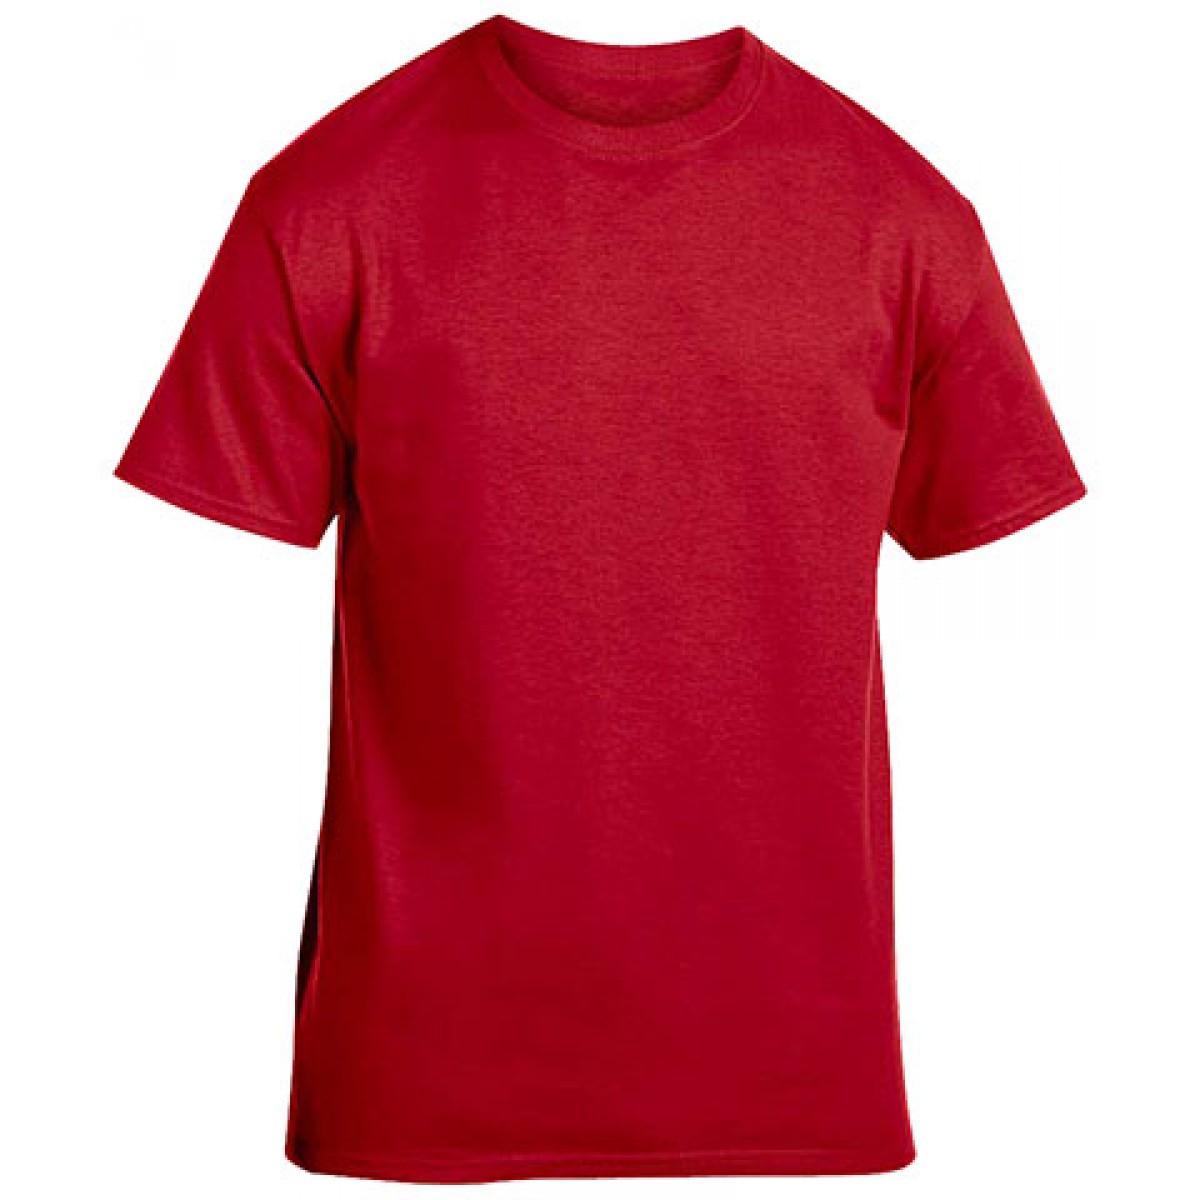 Cotton Short Sleeve T-Shirt-Cardinal Red-S